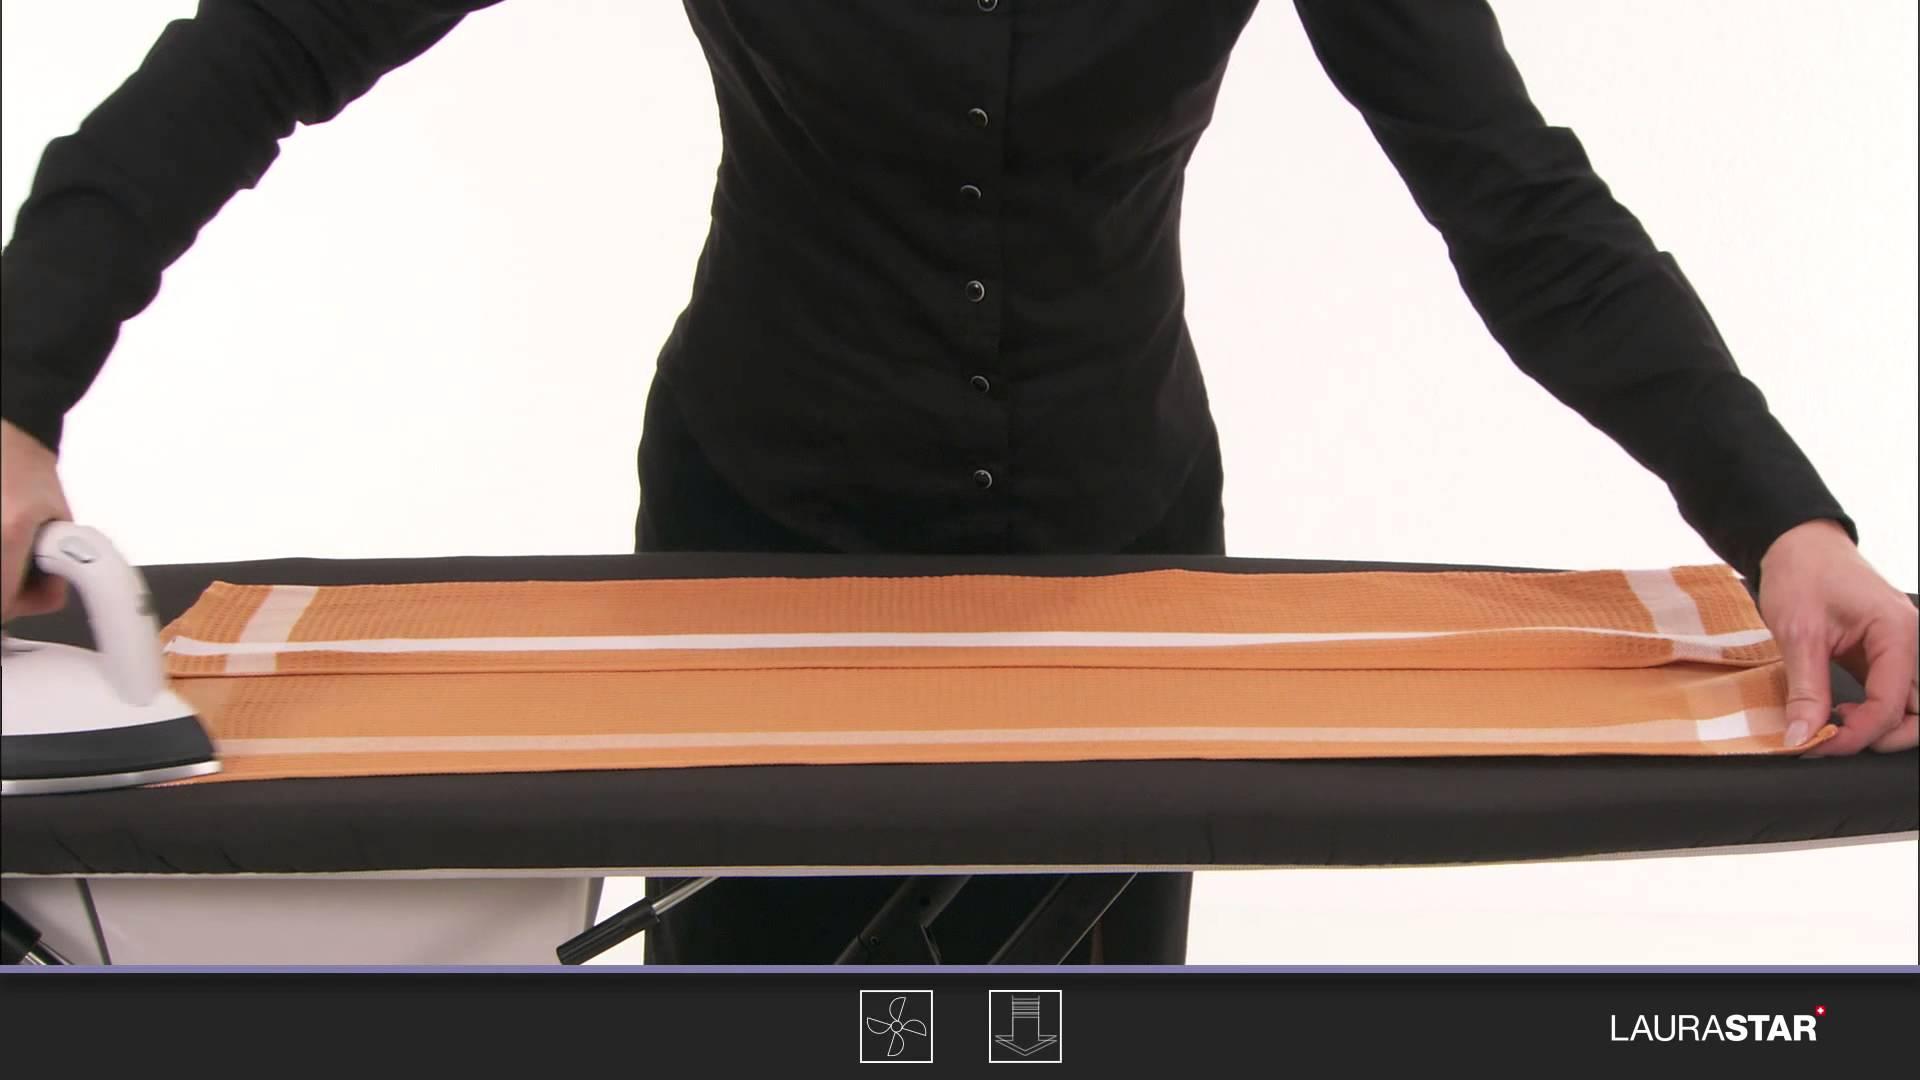 Laurastar – So bügeln Sie Ihre Tischwäsche richtig